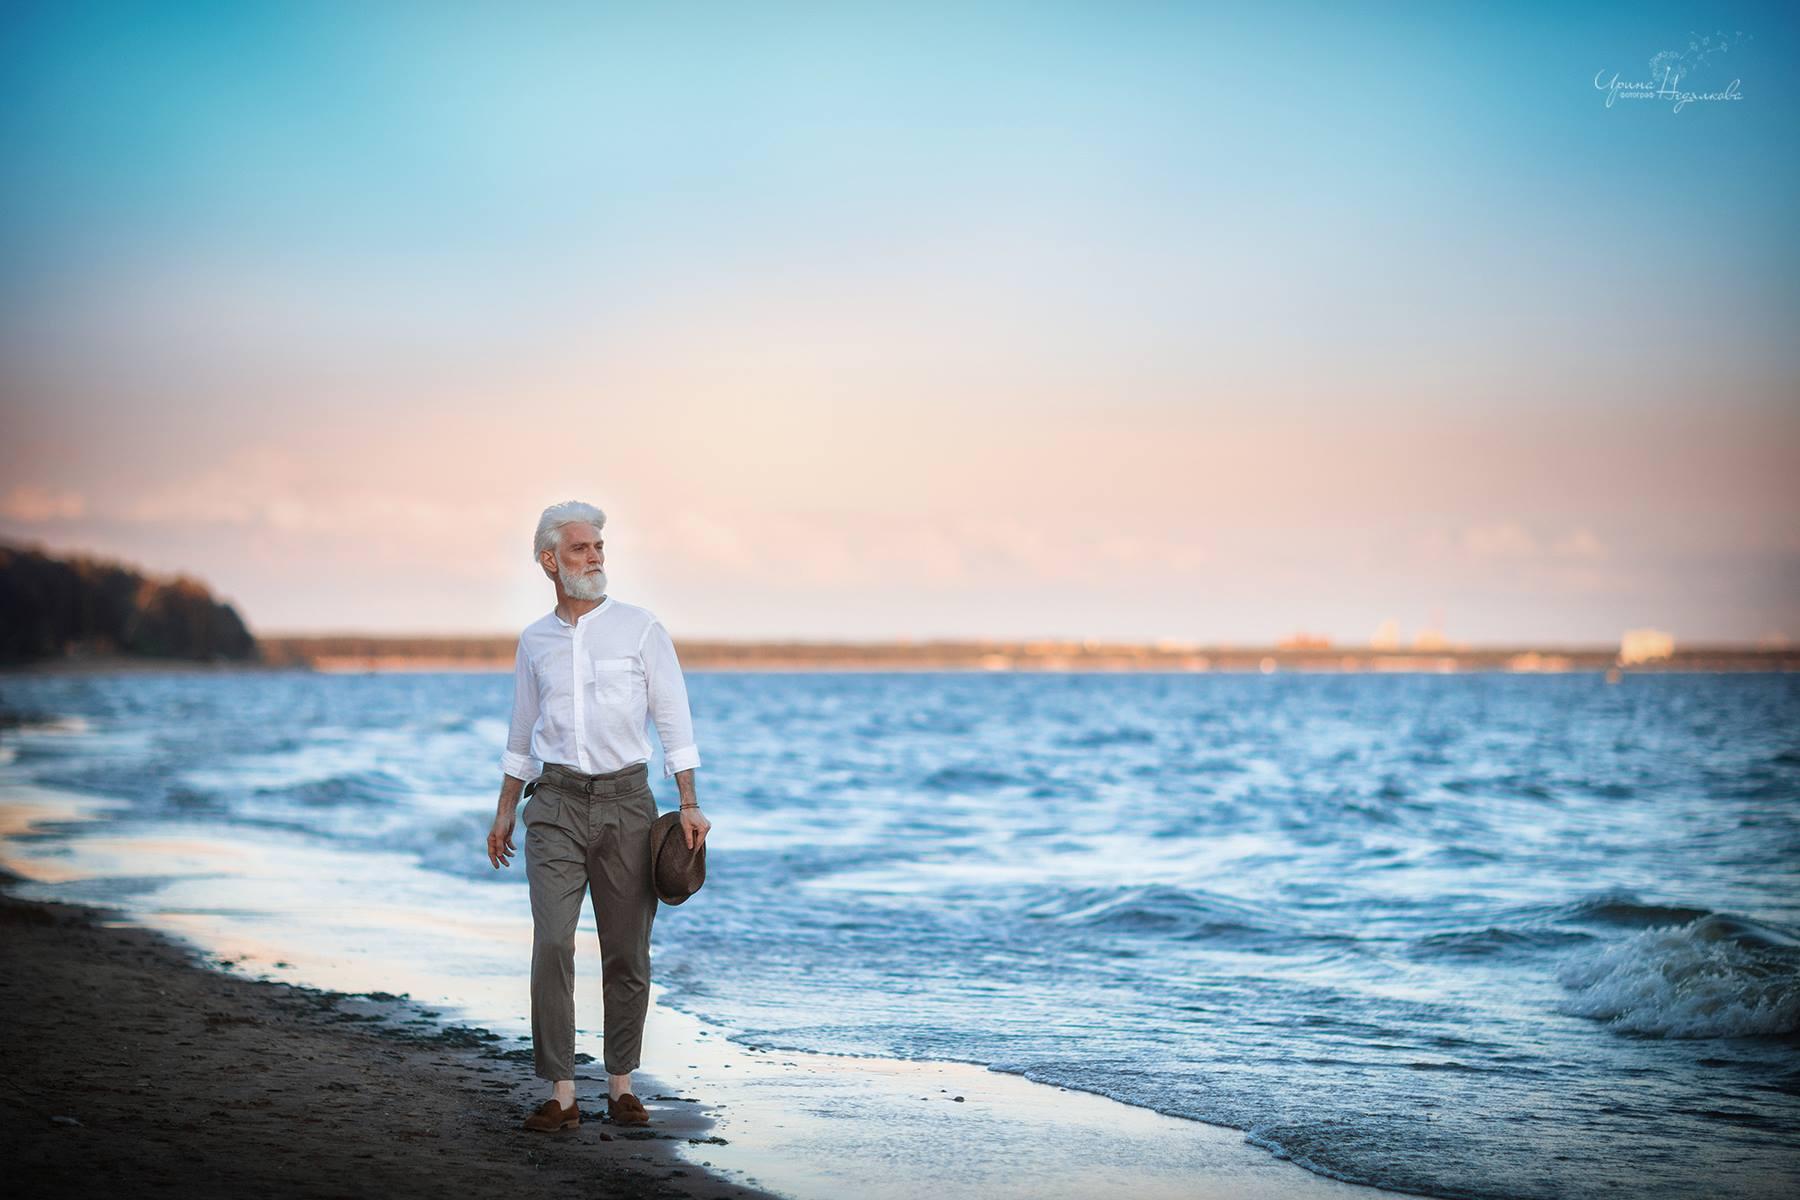 Трогательная фотосессия пожилой пары от российского фотографа (21 фото)